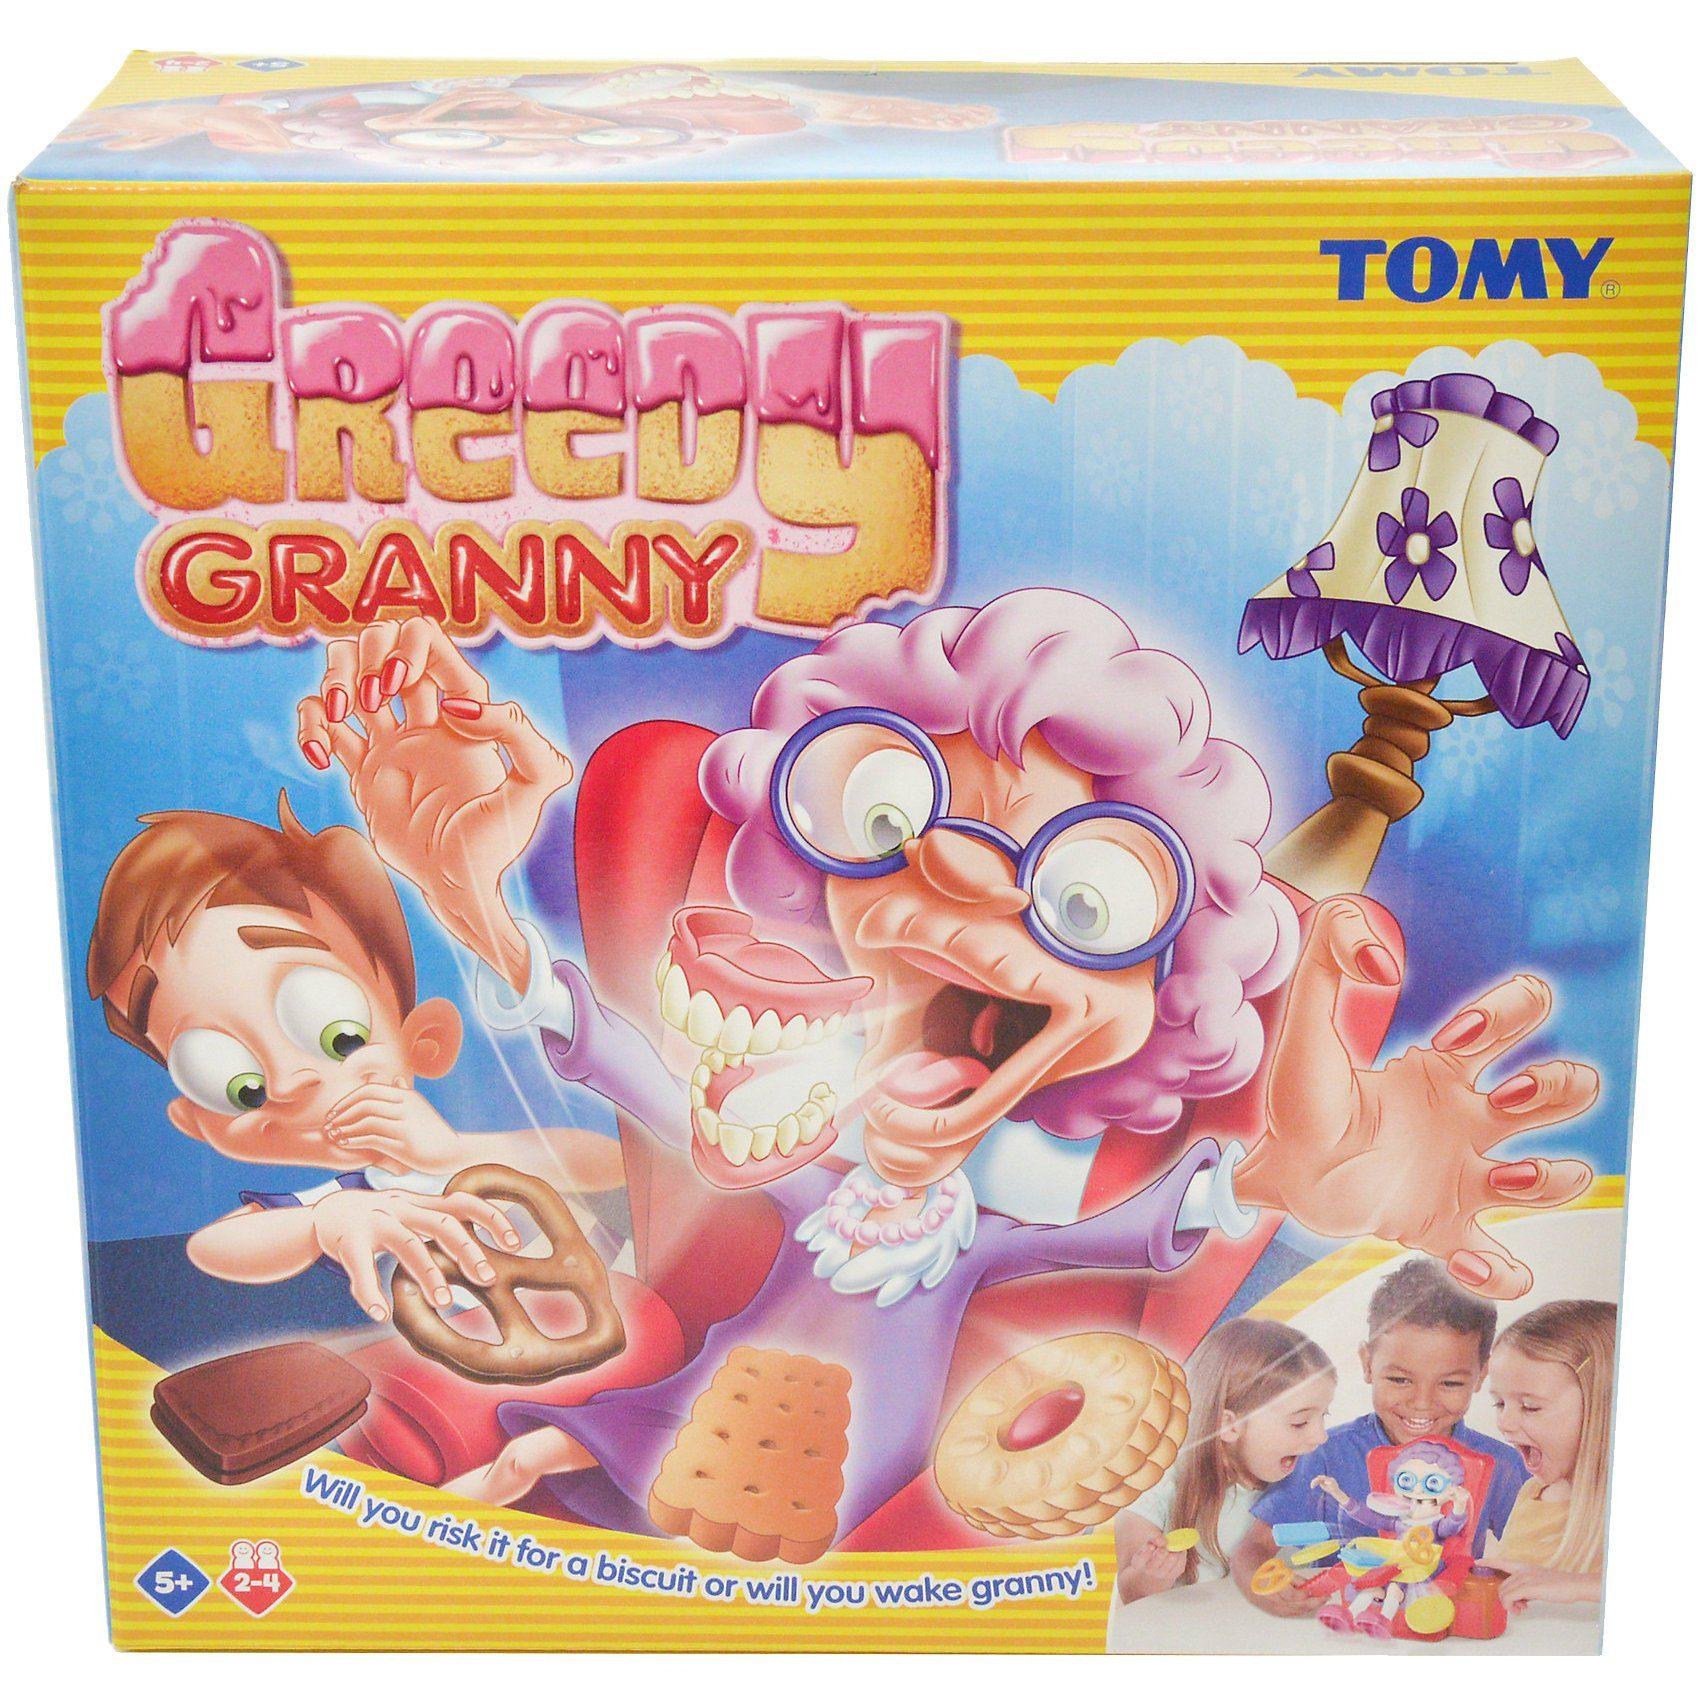 TOMY Keks Karacho (Greedy Granny)